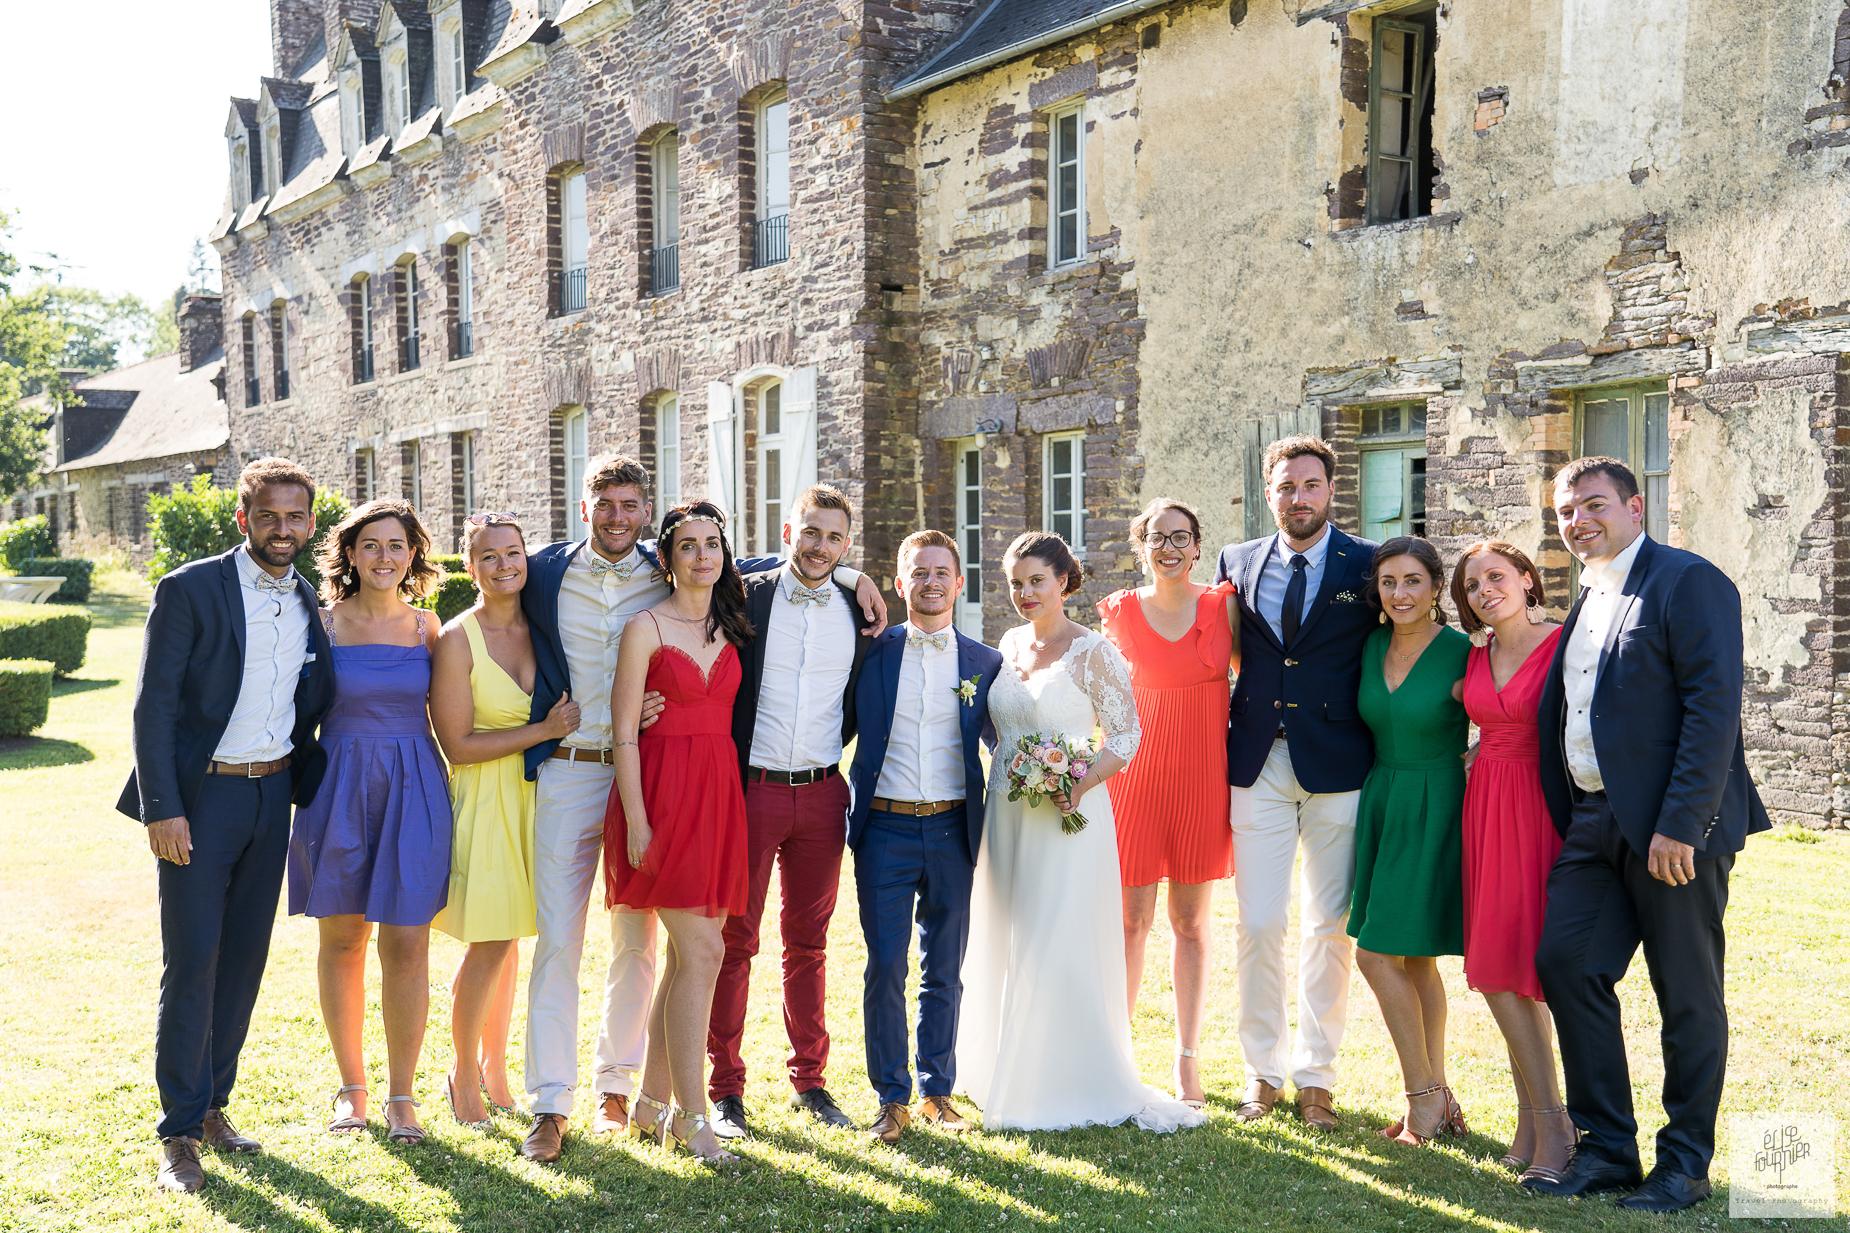 Photographe de mariages - Nantes - Loire Atlantique - Bretagne - Finistere - Morbihan -photo Elise Fournier